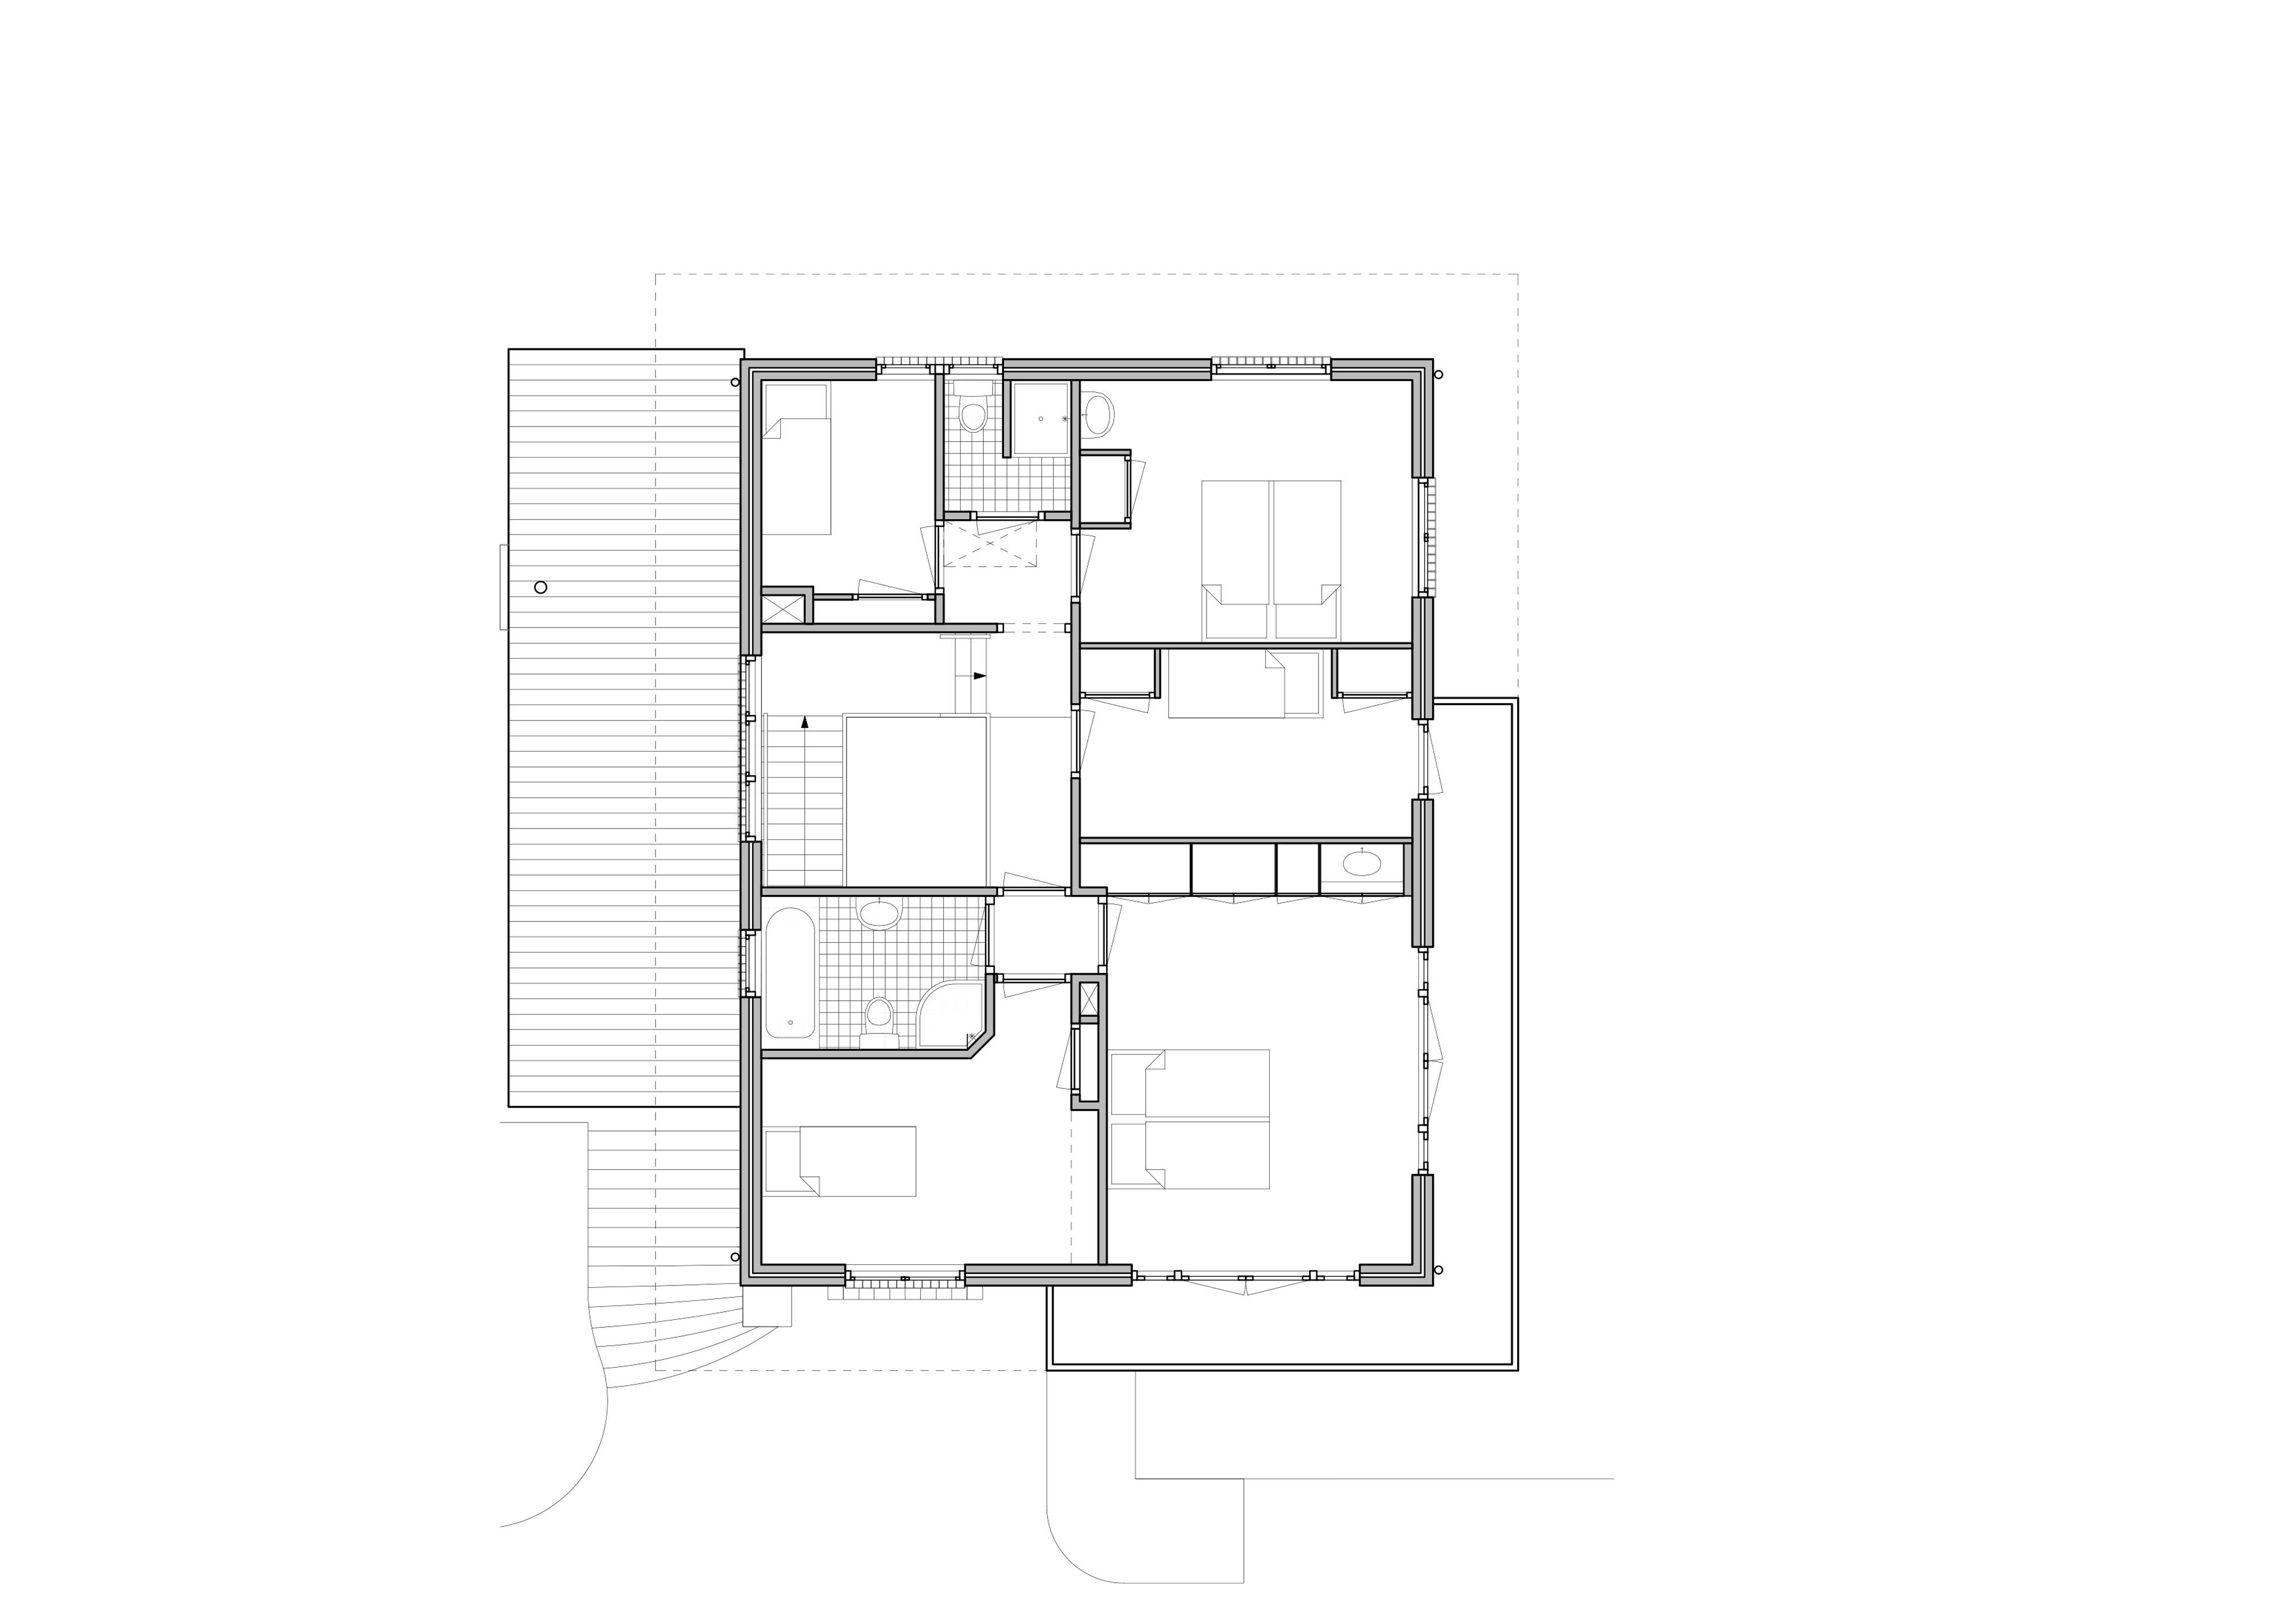 <p>1ste verdieping bestaand</p>